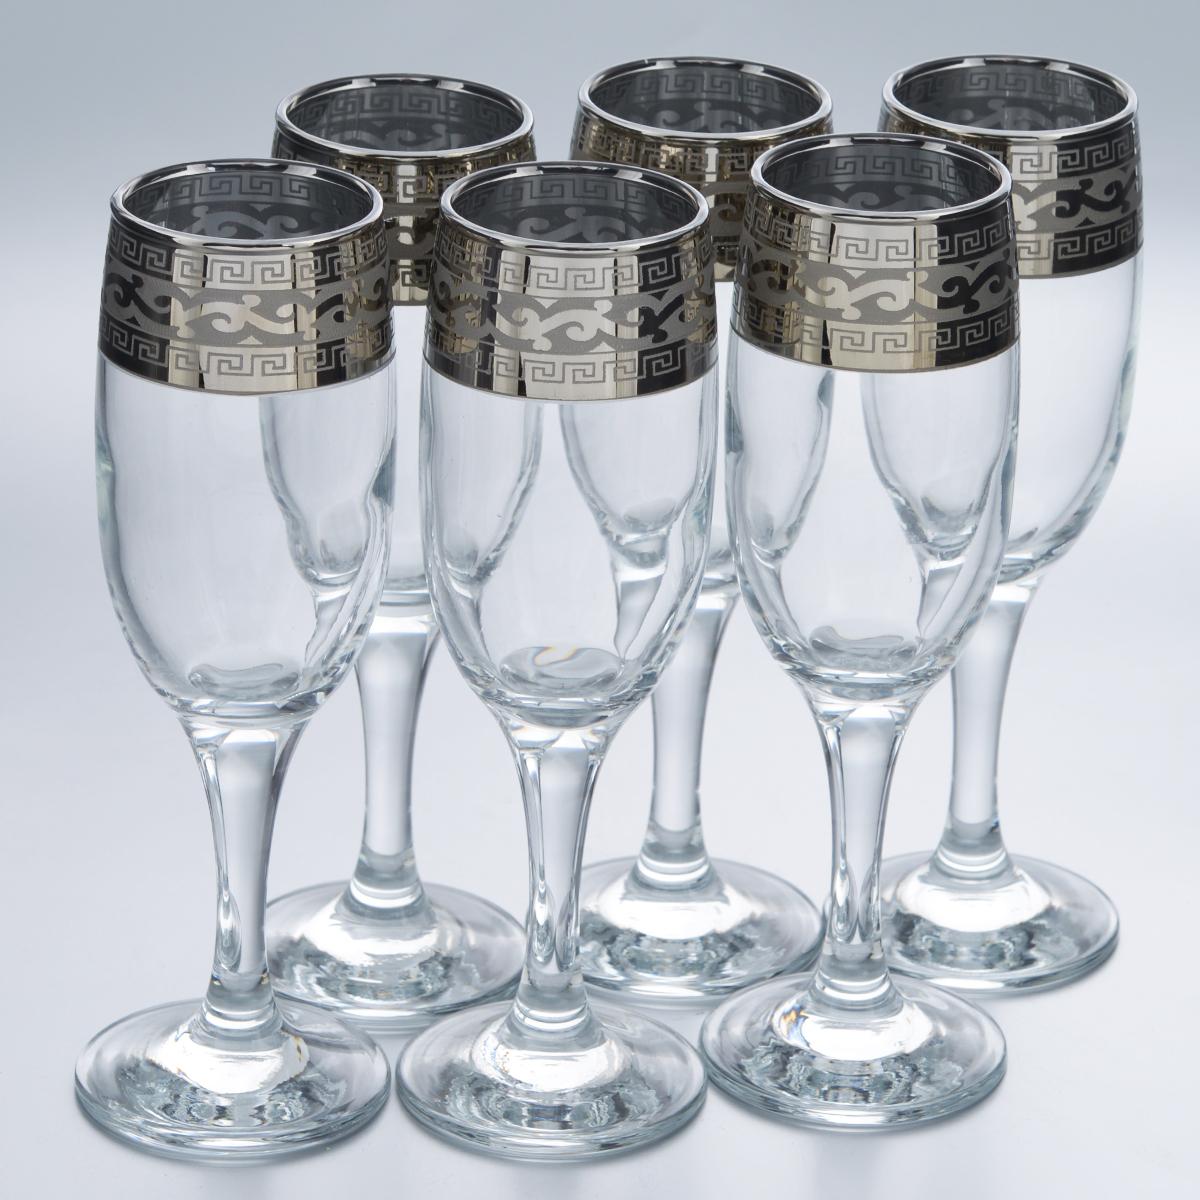 Набор бокалов Гусь-Хрустальный Версаче, 190 мл, 6 штVT-1520(SR)Набор Гусь-Хрустальный Версаче состоит из 6 бокалов на длинных ножках, изготовленных из высококачественного натрий-кальций-силикатного стекла. Изделия оформлены красивым зеркальным покрытием и оригинальной широкой окантовкой с оригинальным узором. Такой набор прекрасно дополнит праздничный стол и станет желанным подарком в любом доме. Разрешается мыть в посудомоечной машине. Диаметр бокала (по верхнему краю): 5 см. Высота бокала: 18,8 см. Диаметр основания бокала: 6,3 см.